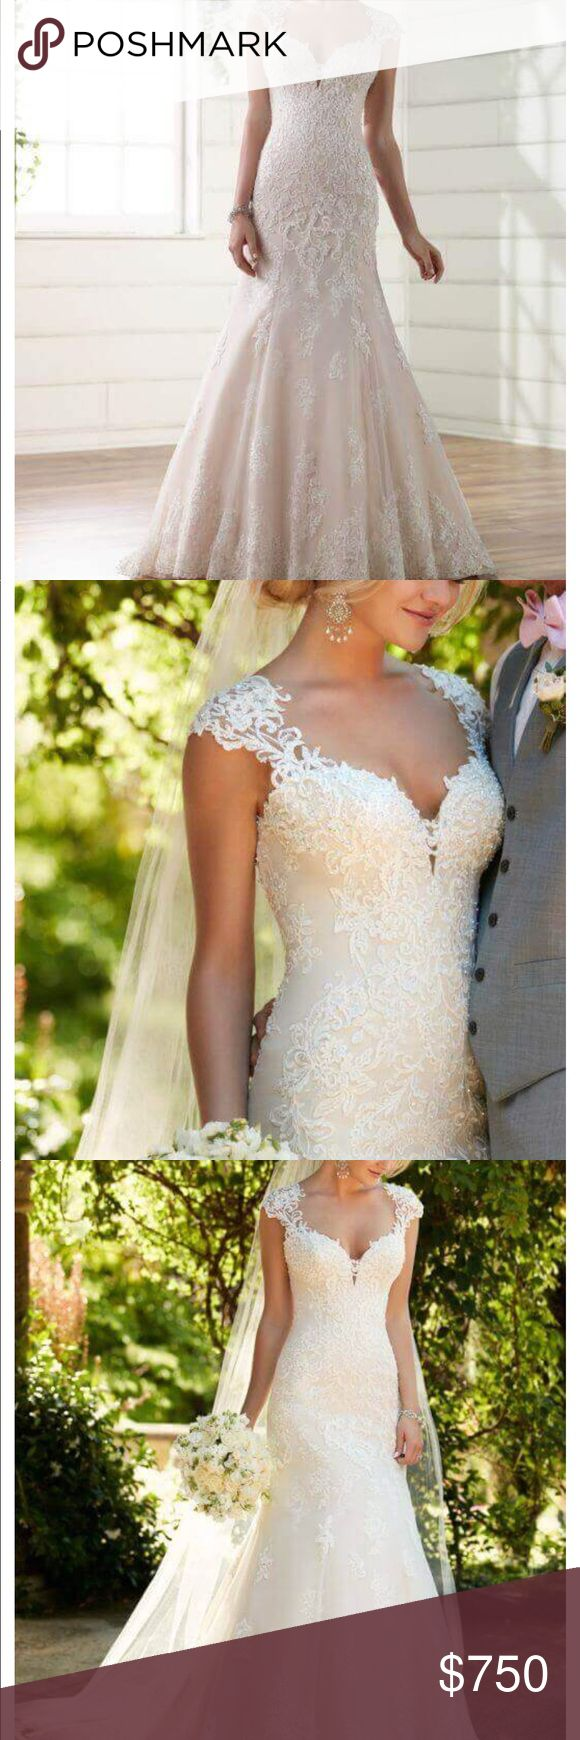 button hook for wedding dress